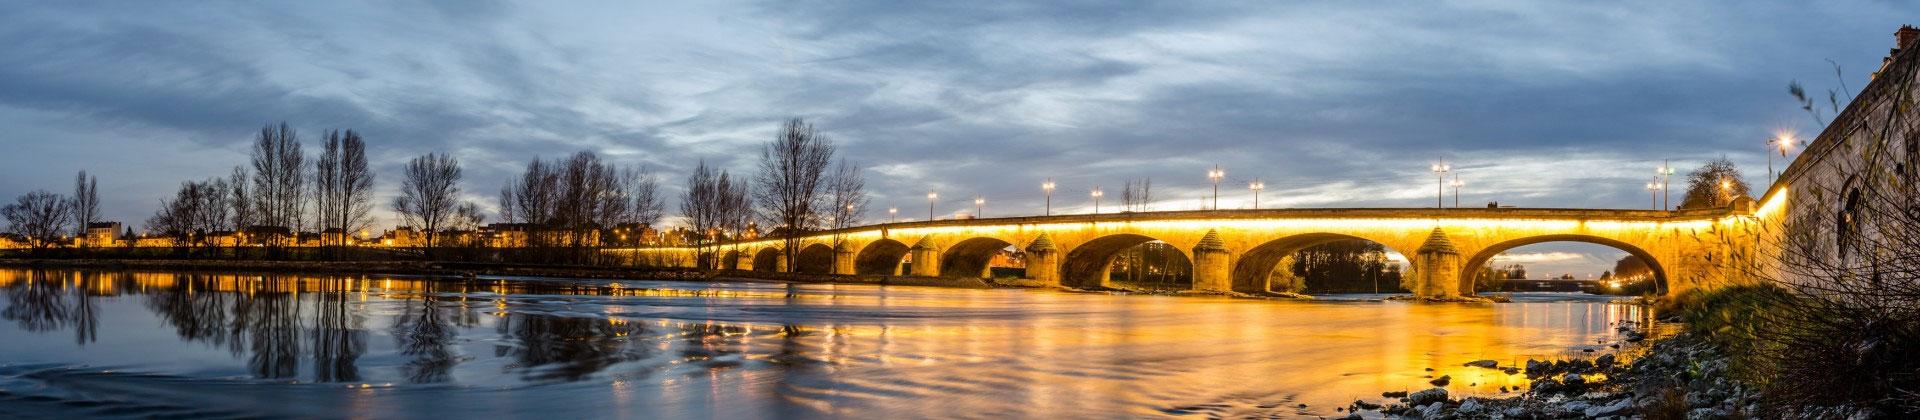 Photo du pont Georges V à Orléans dans le Loiret